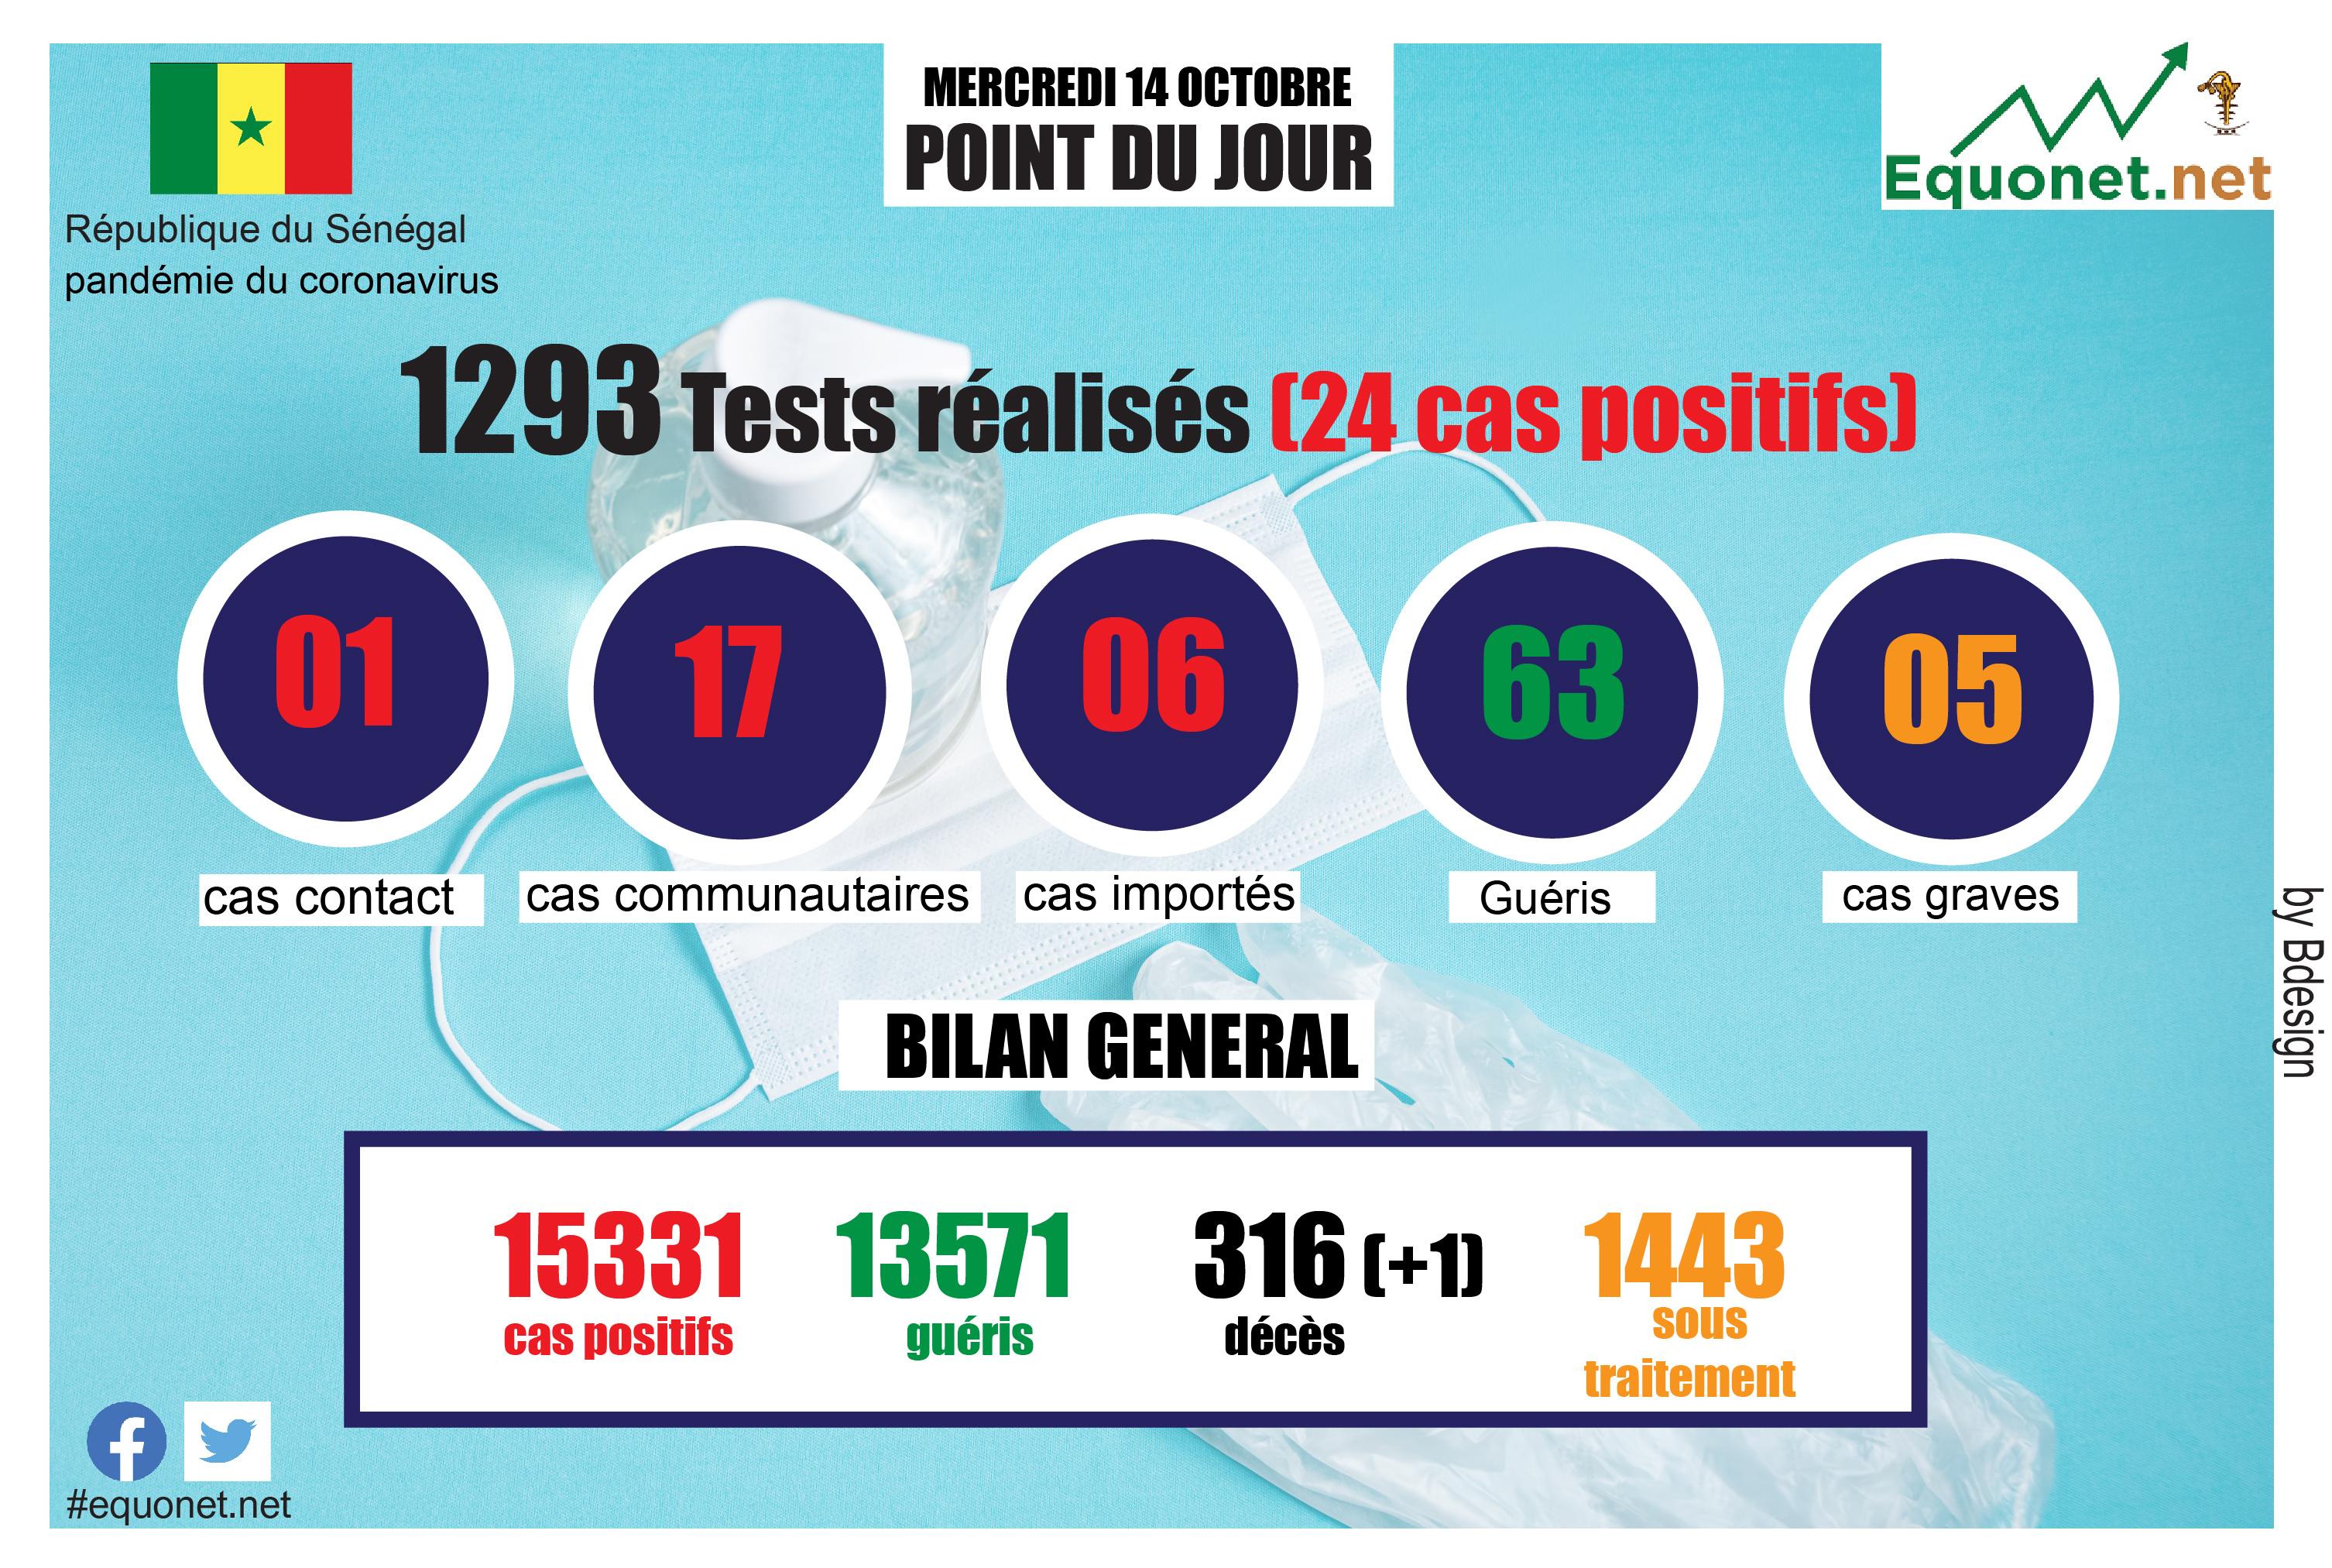 pandémie du coronavirus-covid-19 au sénégal : point de situation du mercredi 14 octobre 2020